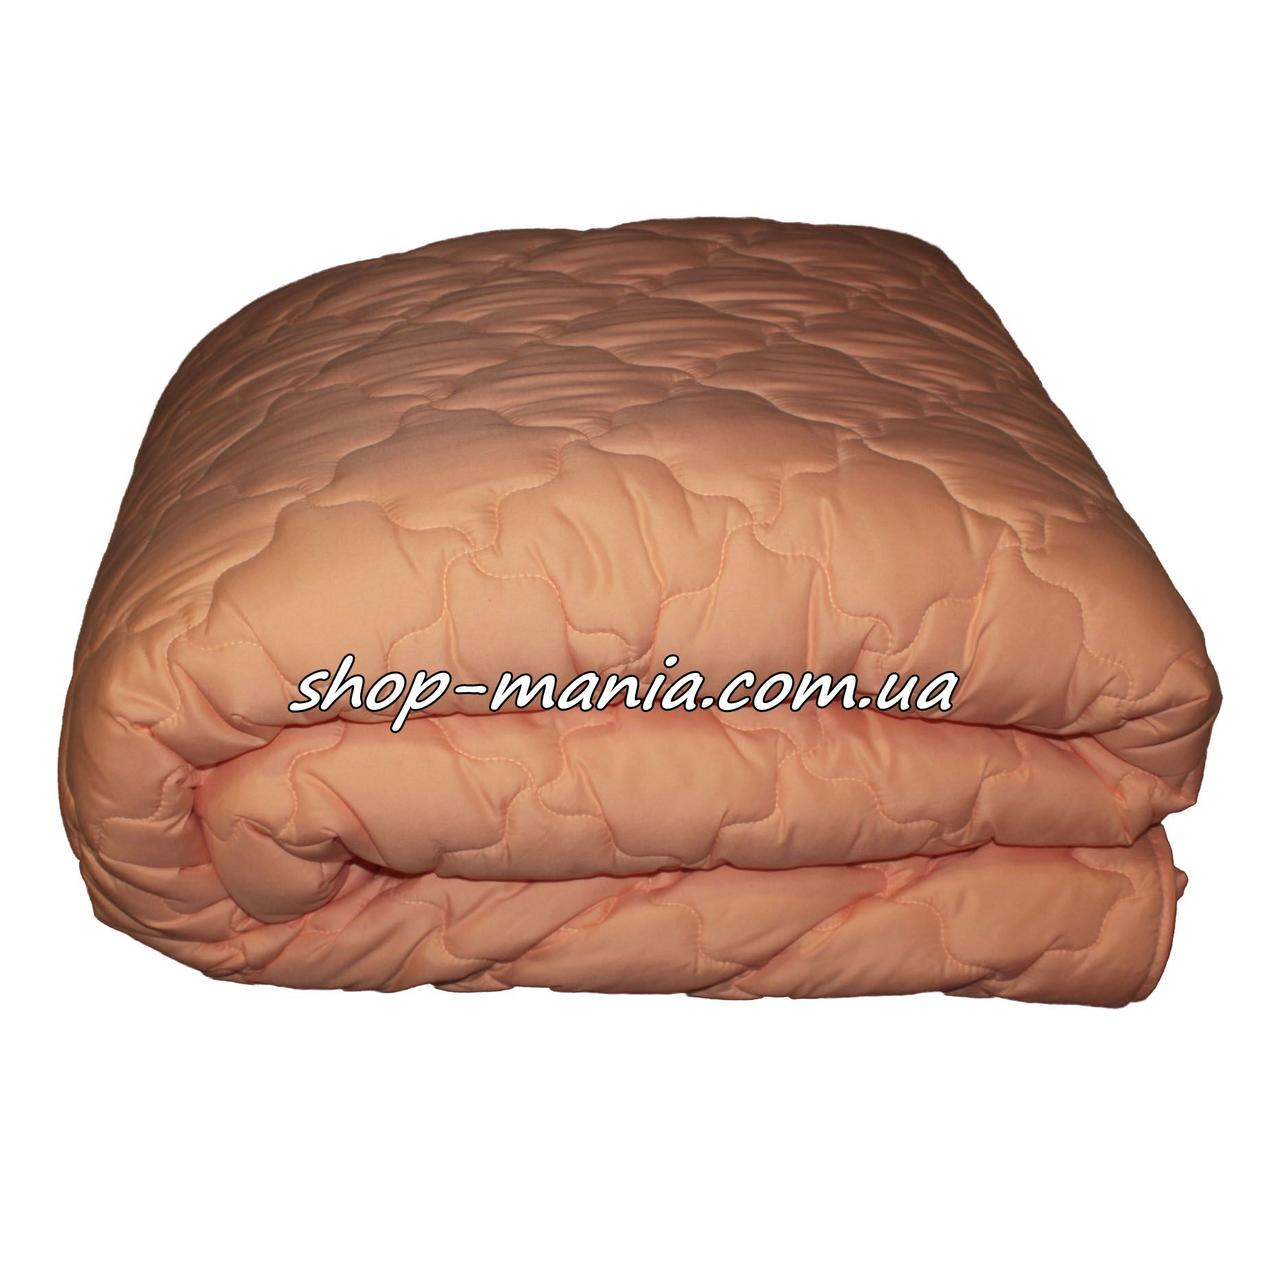 Одеяло полуторное стёганное ОДА 4 сезона 2в1 летнее + демисезонное 155х210 SM 8104-1 ODA 4 season orange